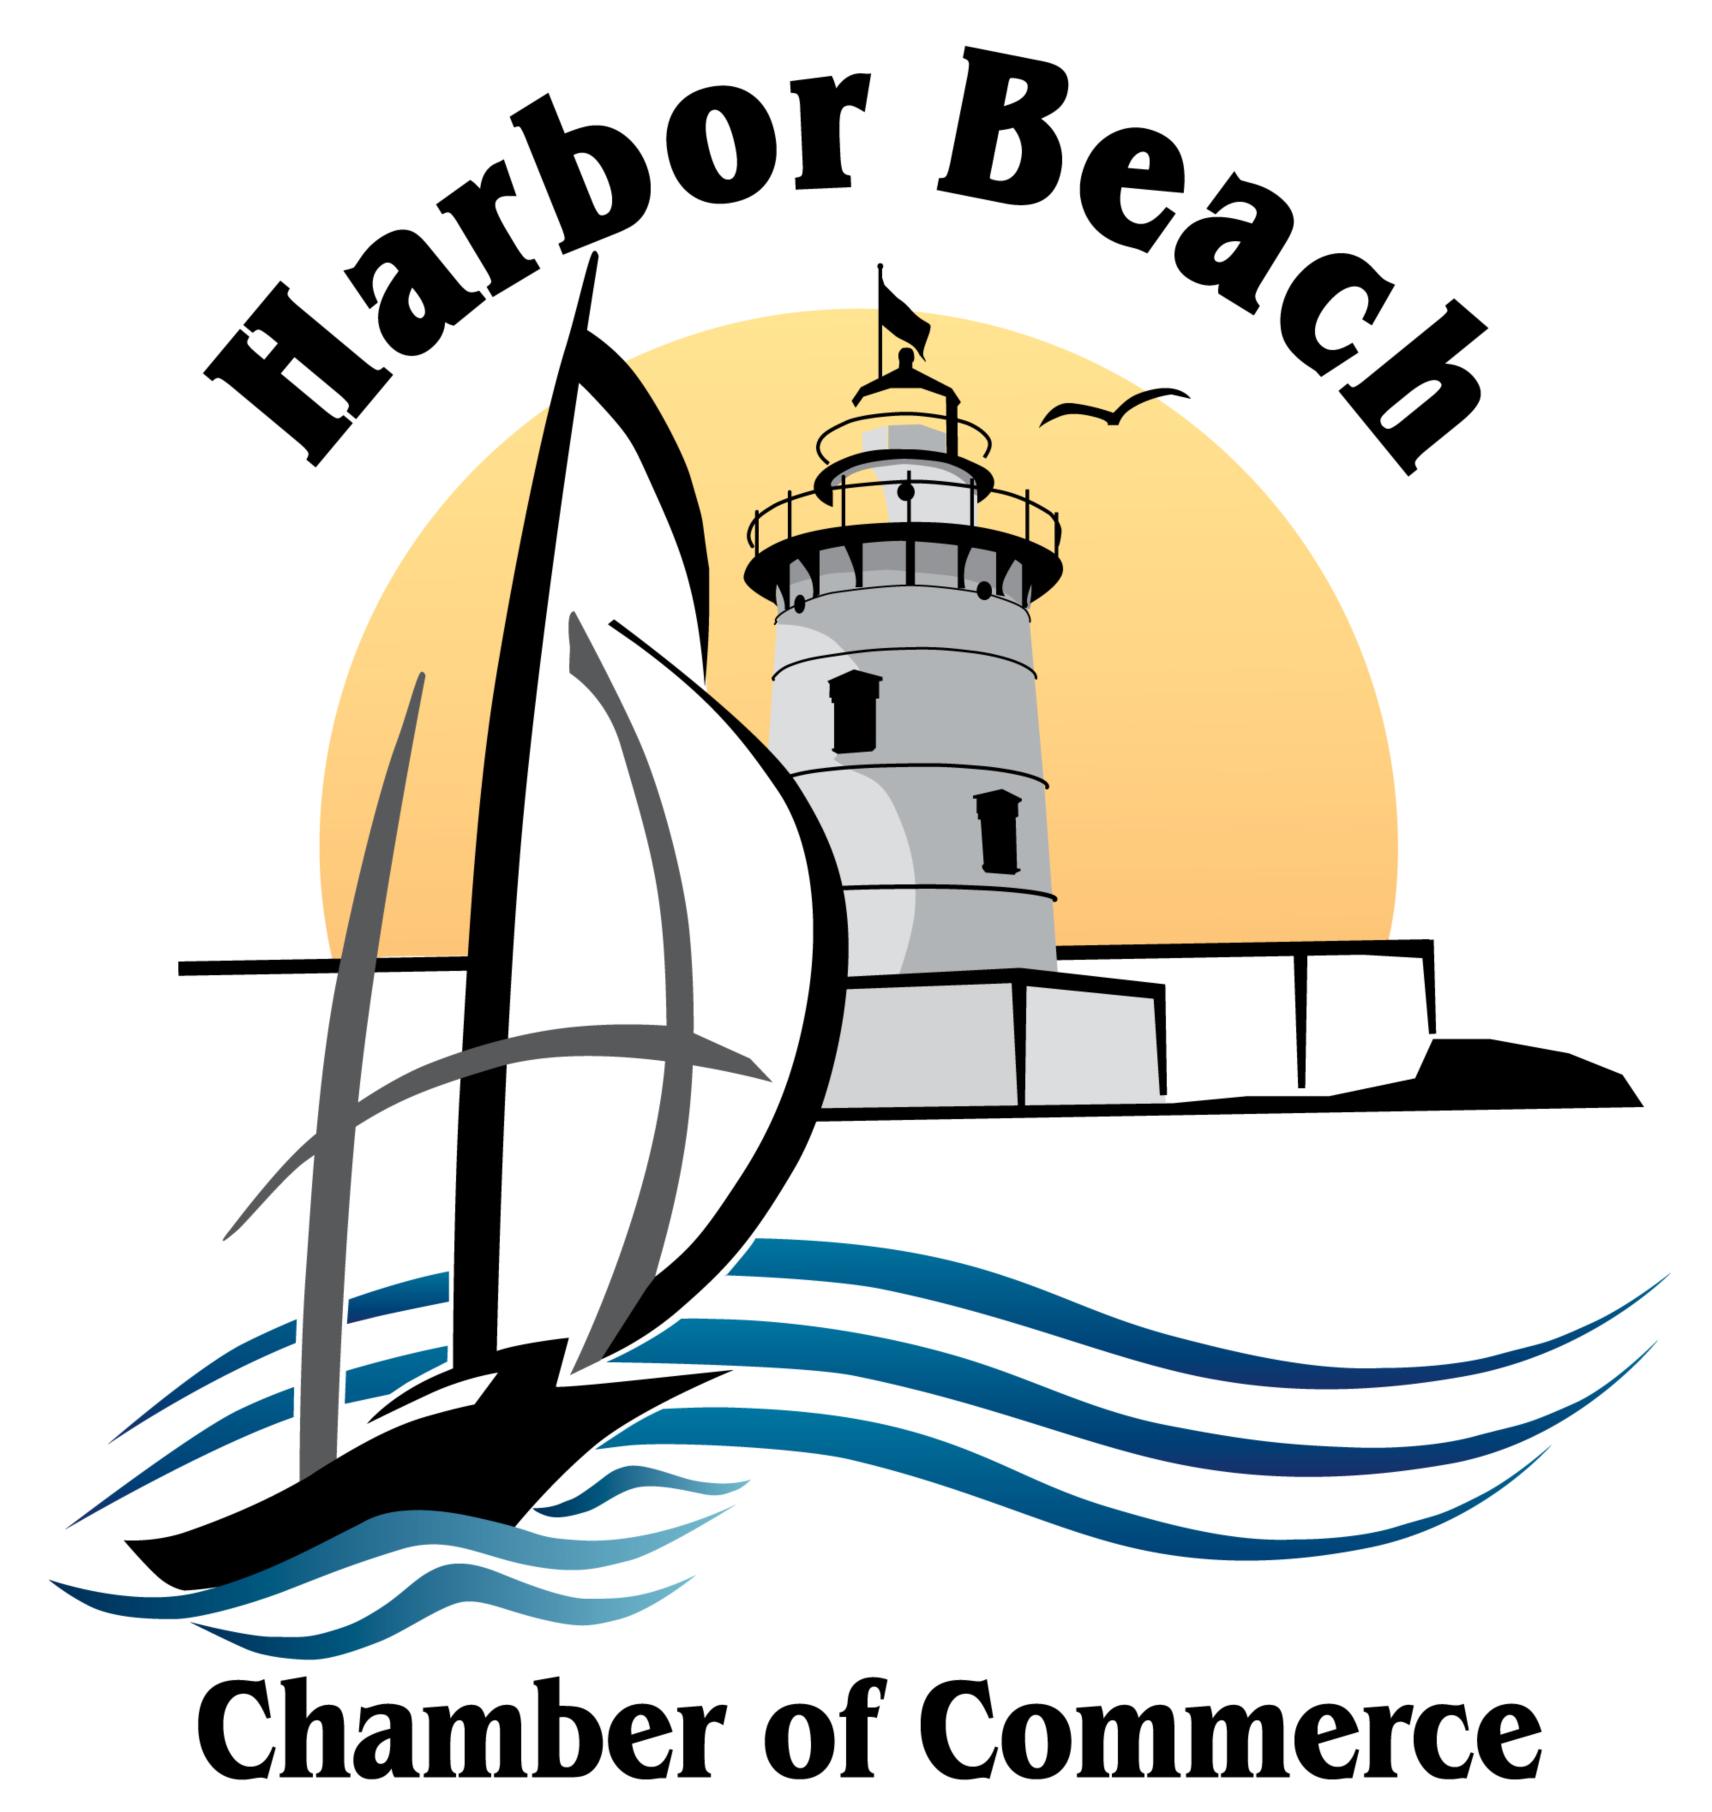 Harbor Beach Chamber of Commerce Logo